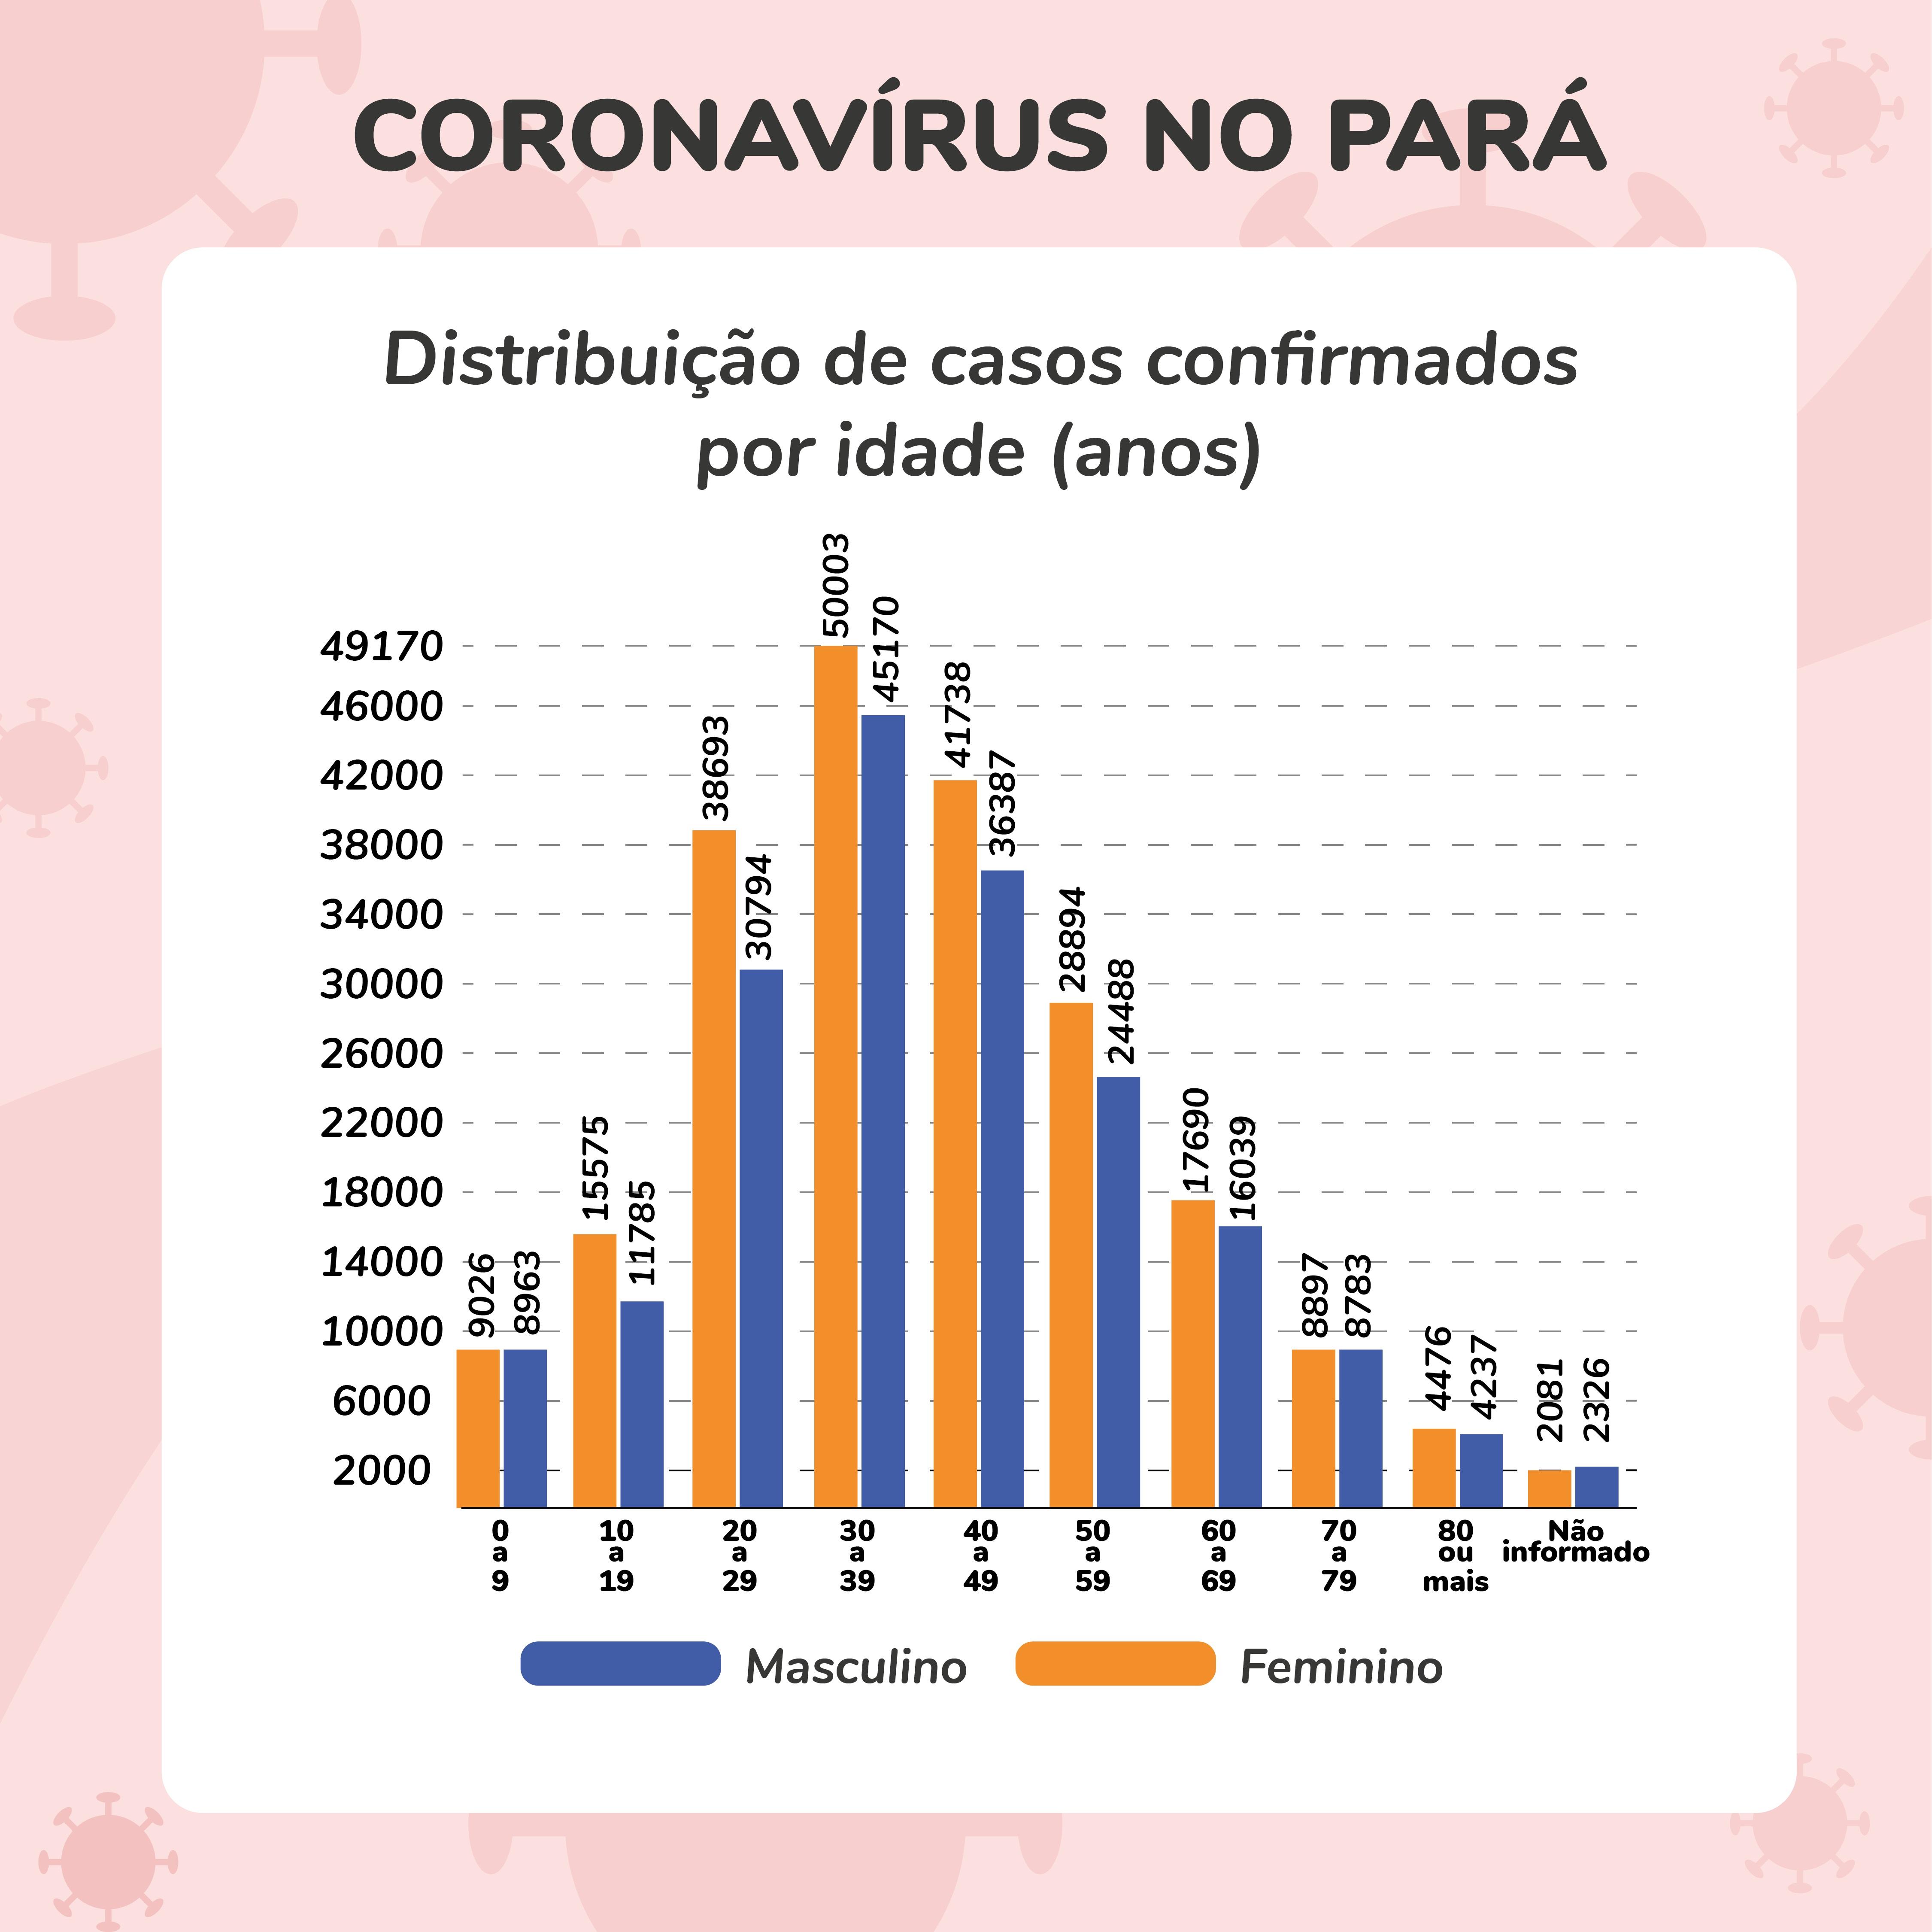 Os dados são do  monitoramento da doença, da Vigilância Sanitária da Secretaria de Saúde Pública do Estado..